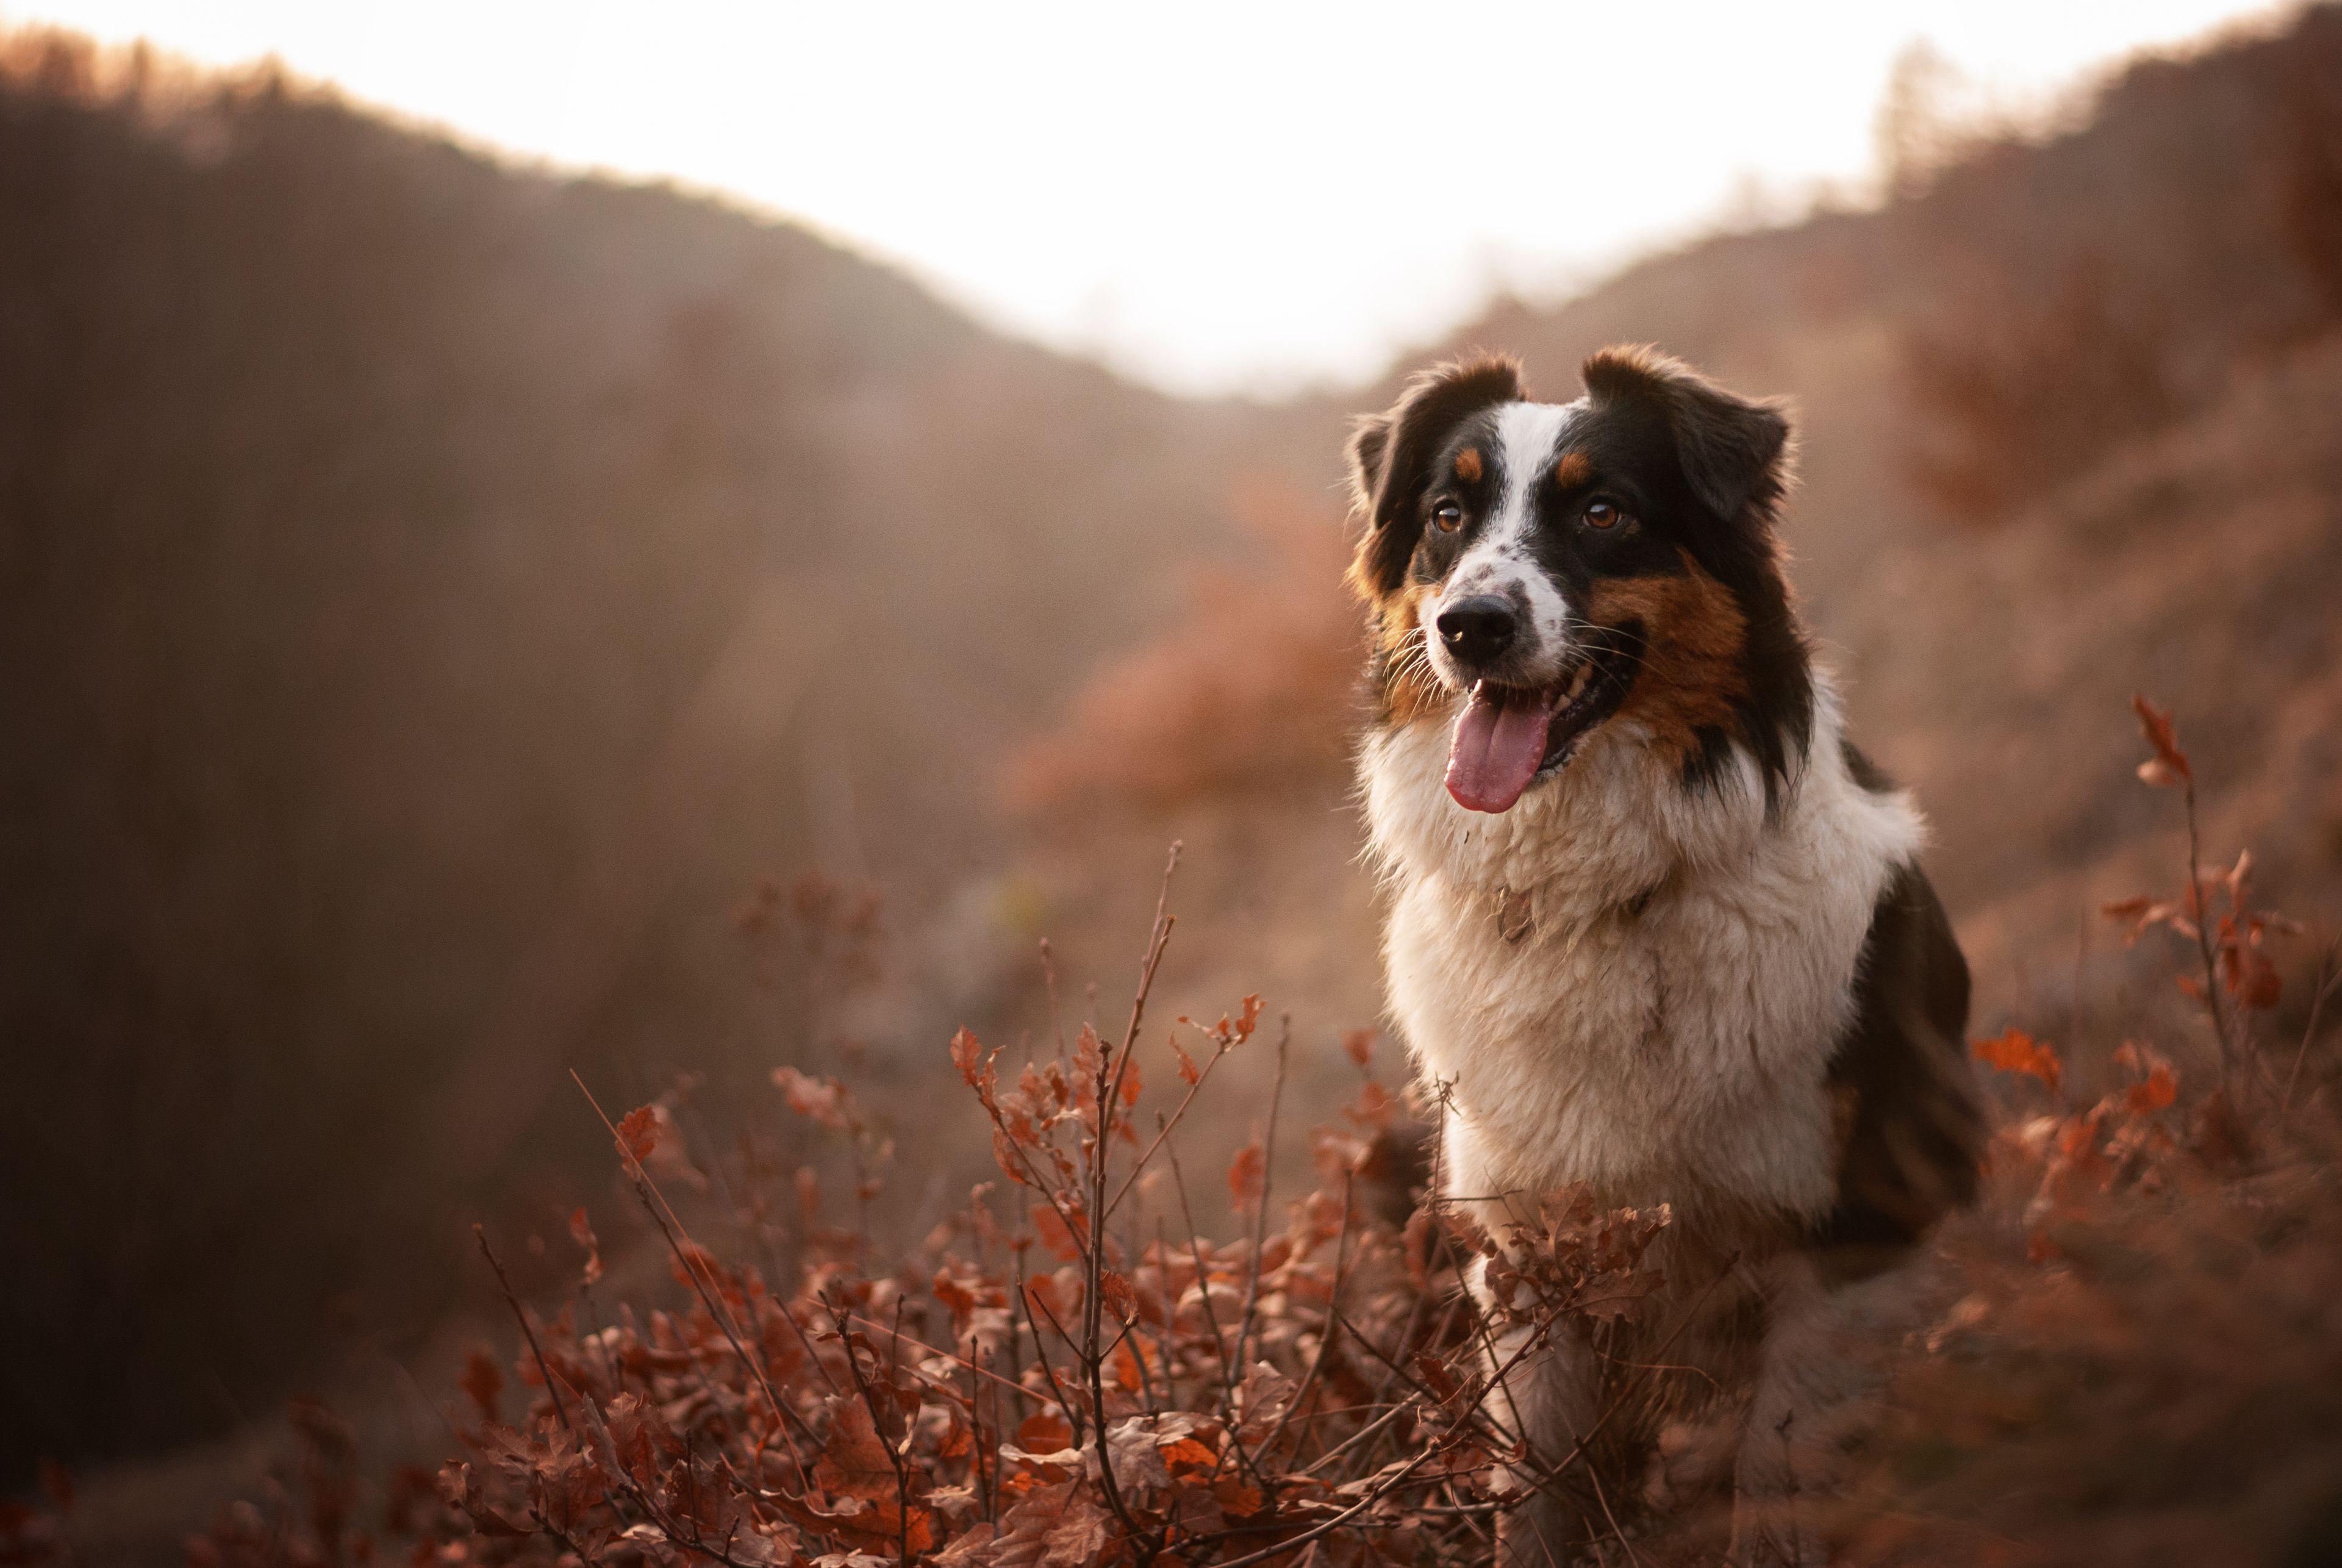 cane in natura